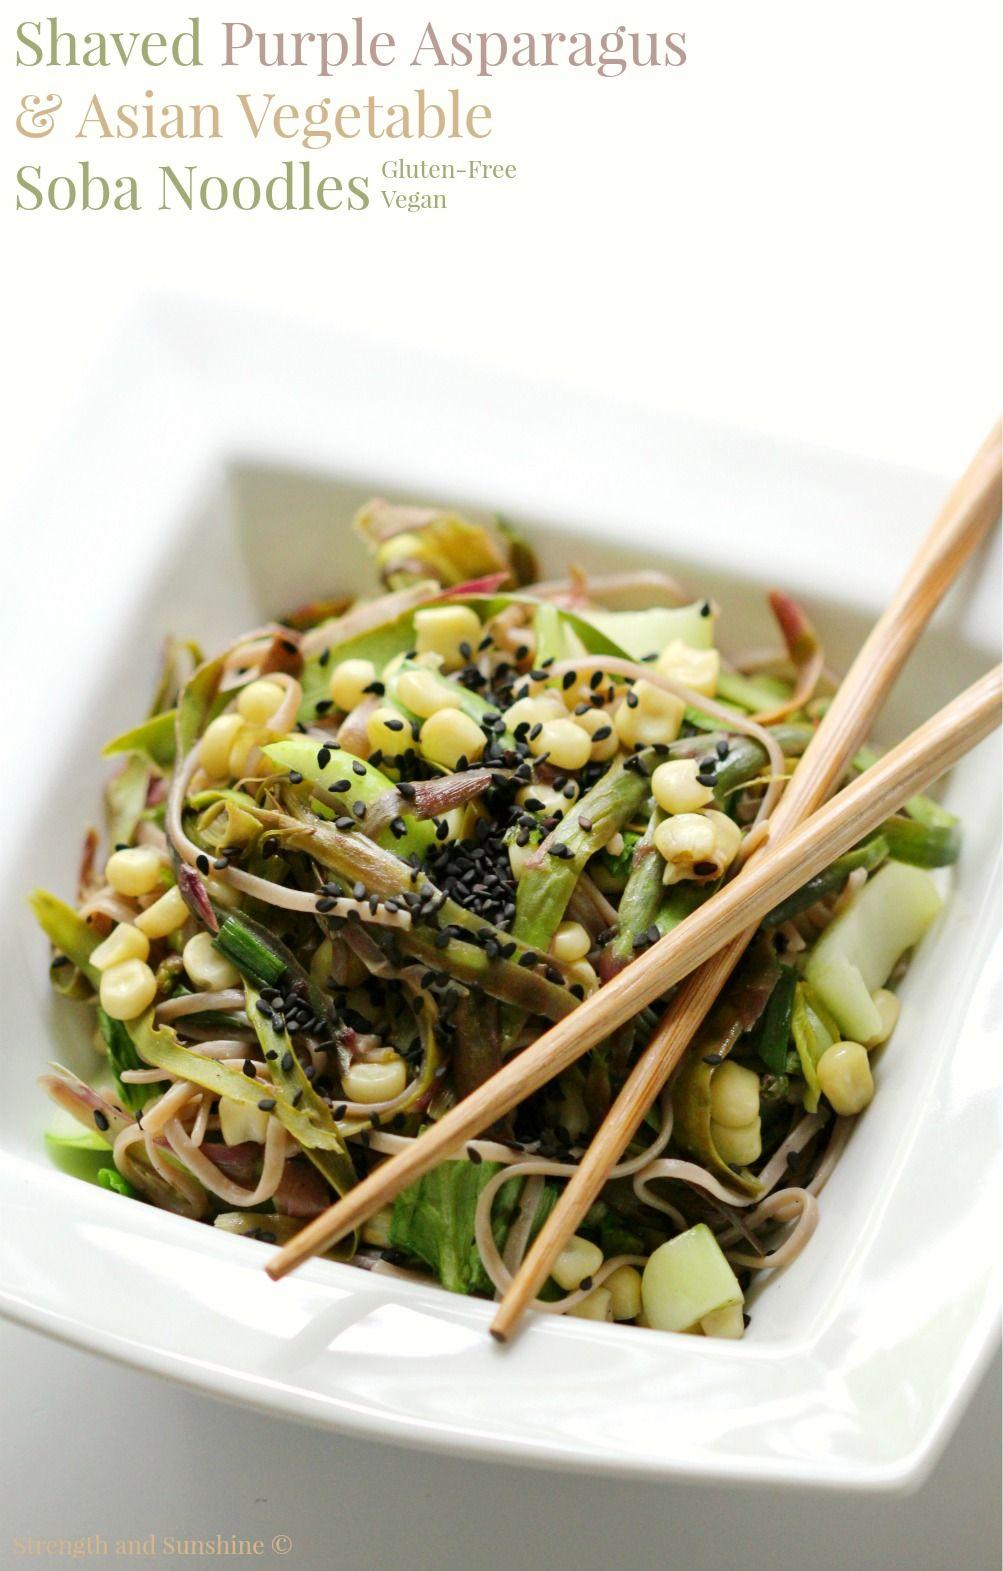 Shaved Purple Asparagus Asian Vegetable Soba Noodles